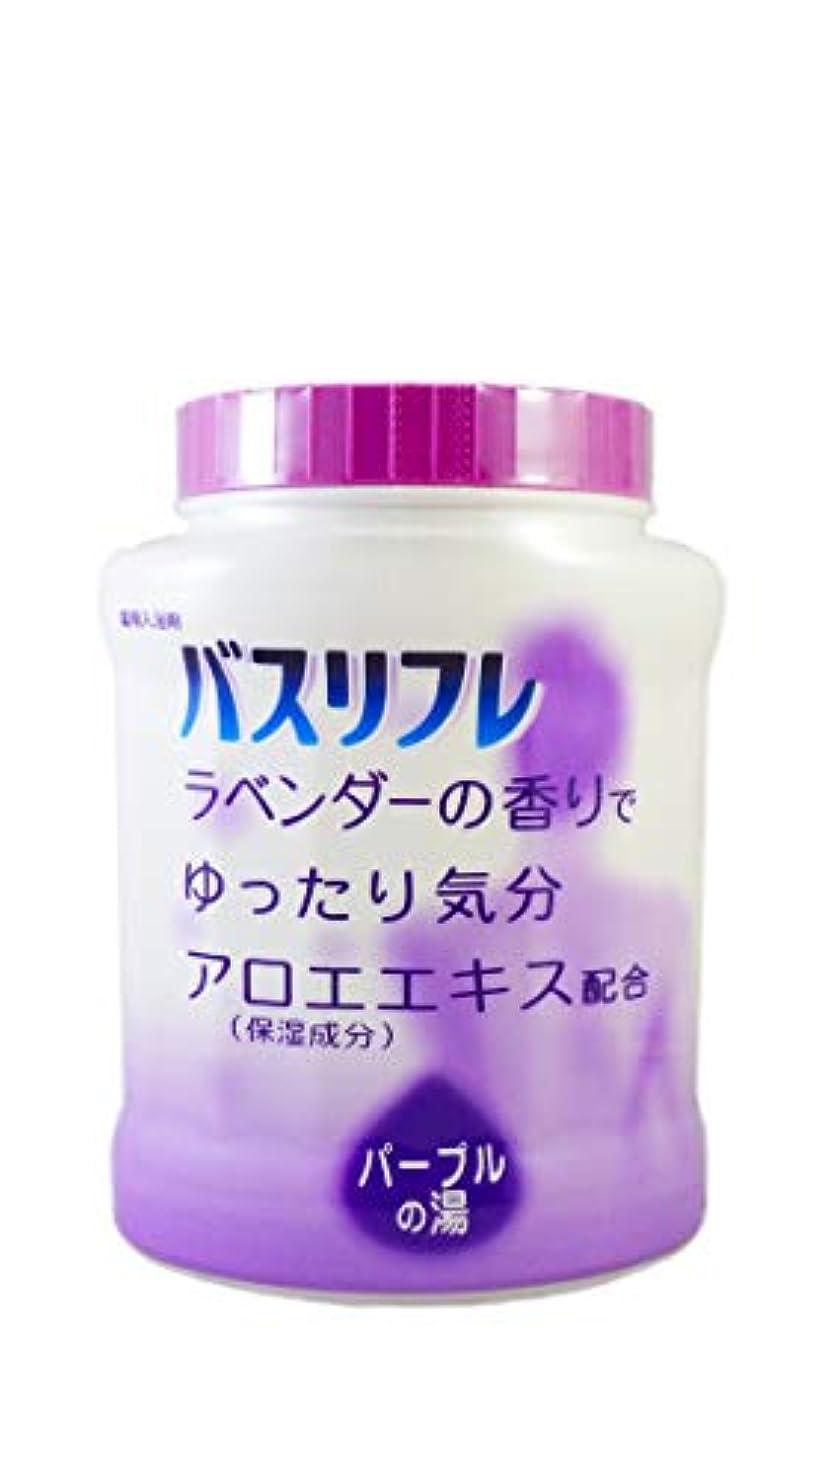 危険を冒します元気な千バスリフレ 薬用入浴剤 パープルの湯 ラベンダーの香りでゆったり気分 天然保湿成分配合 医薬部外品 680g